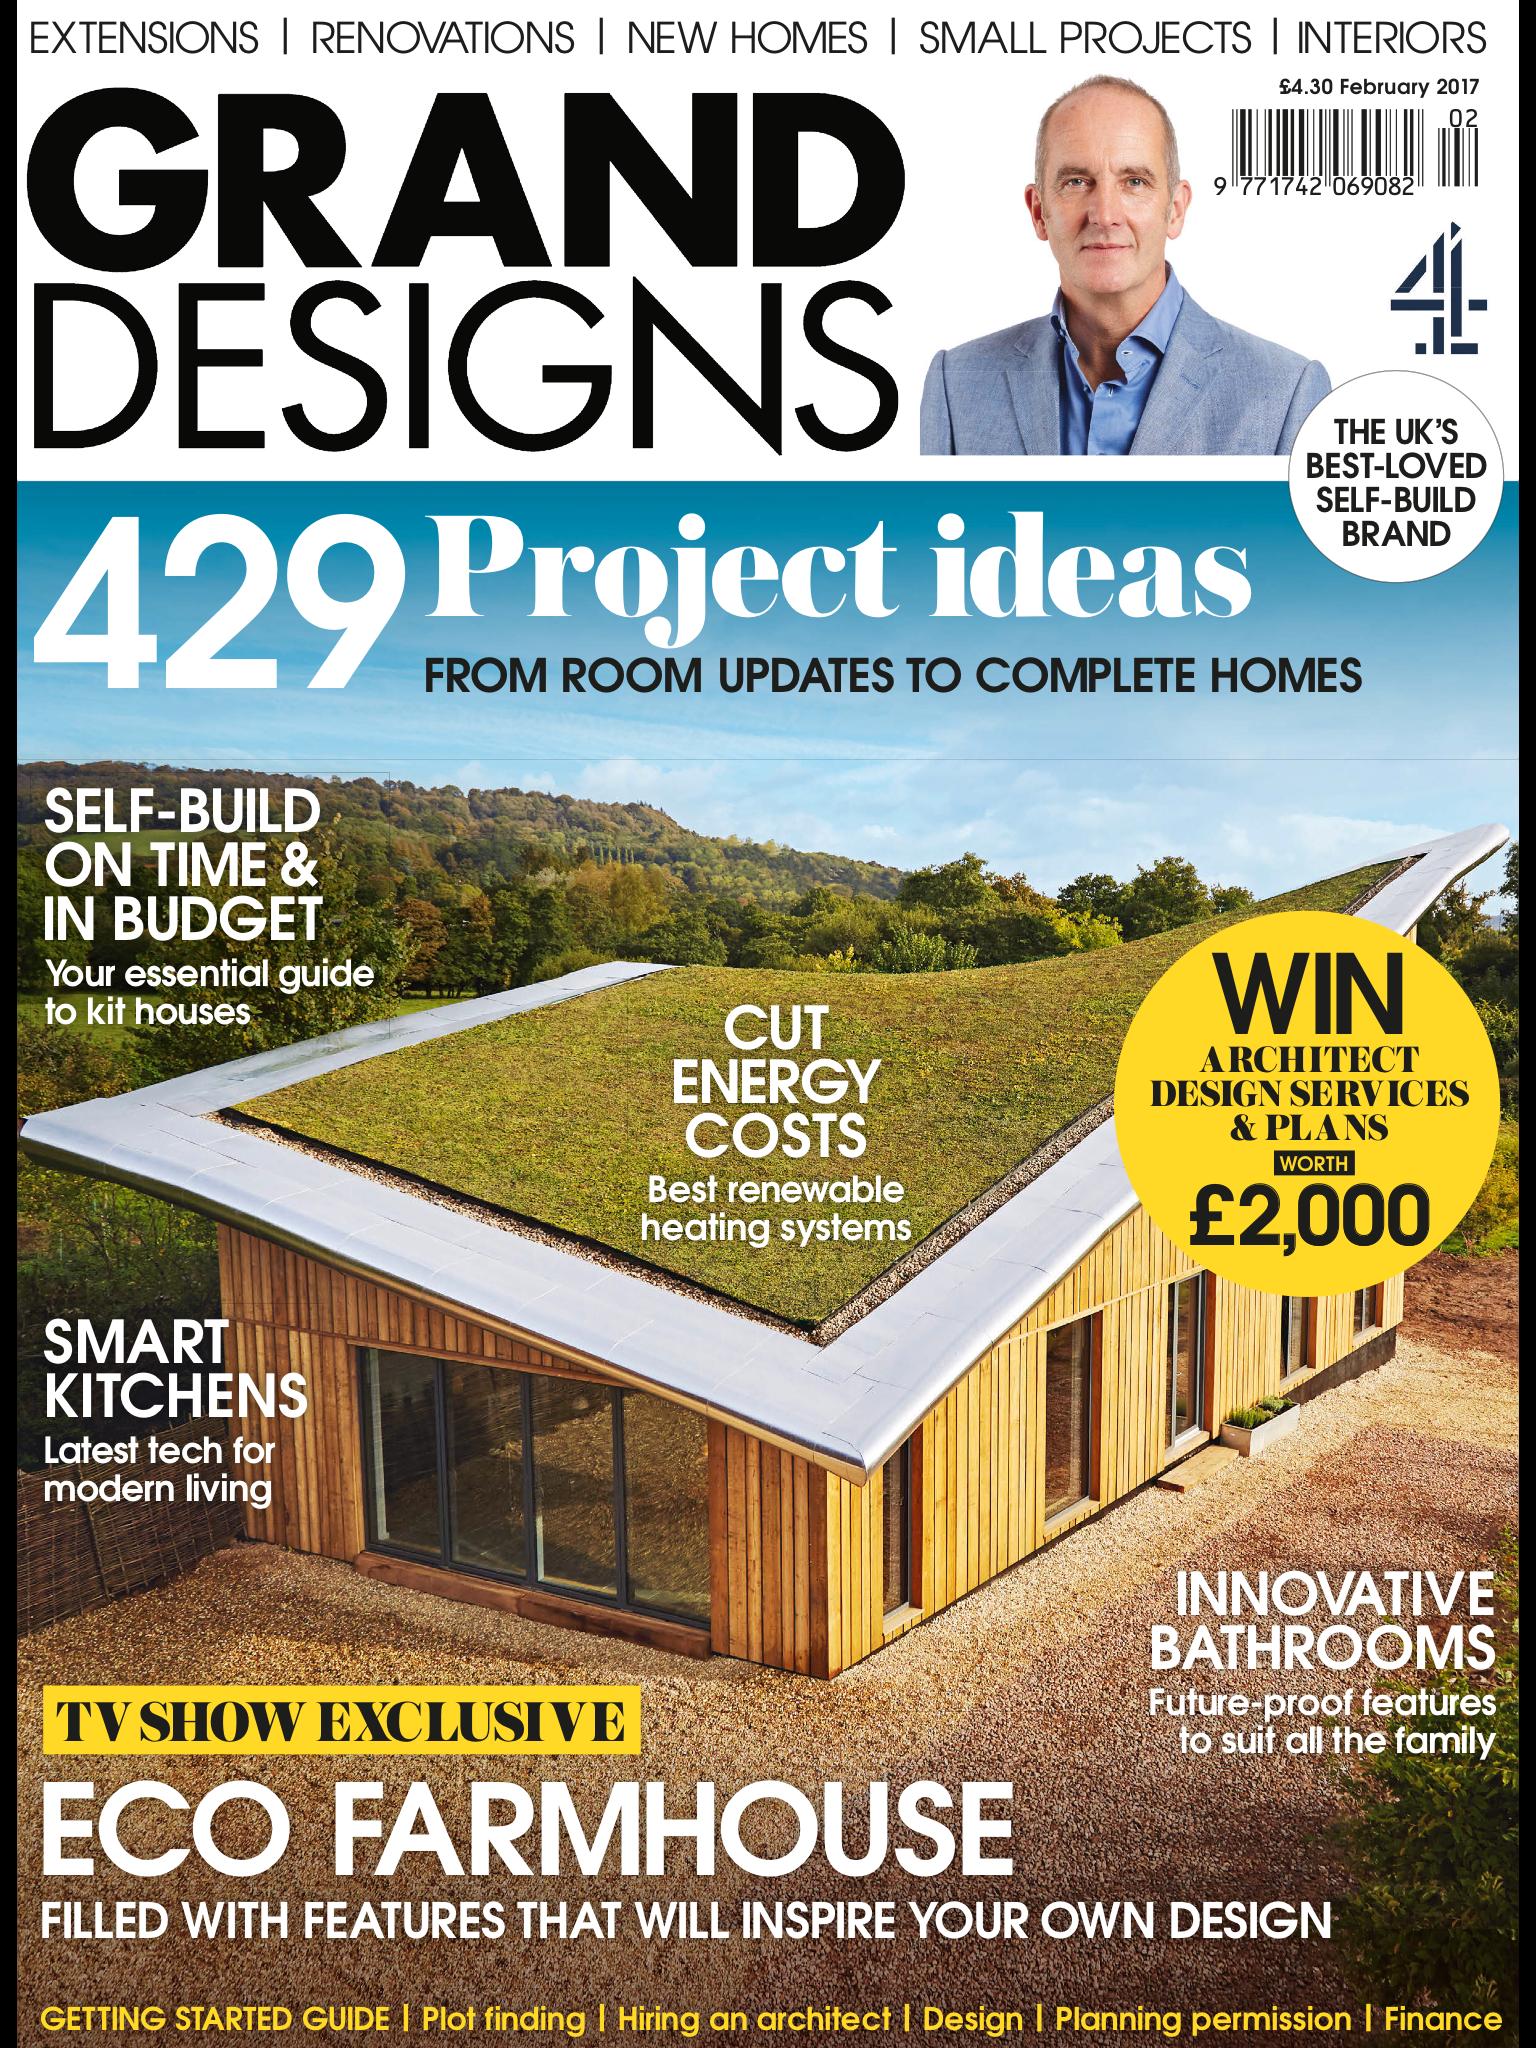 Grand Designs Magazine - Feb 17